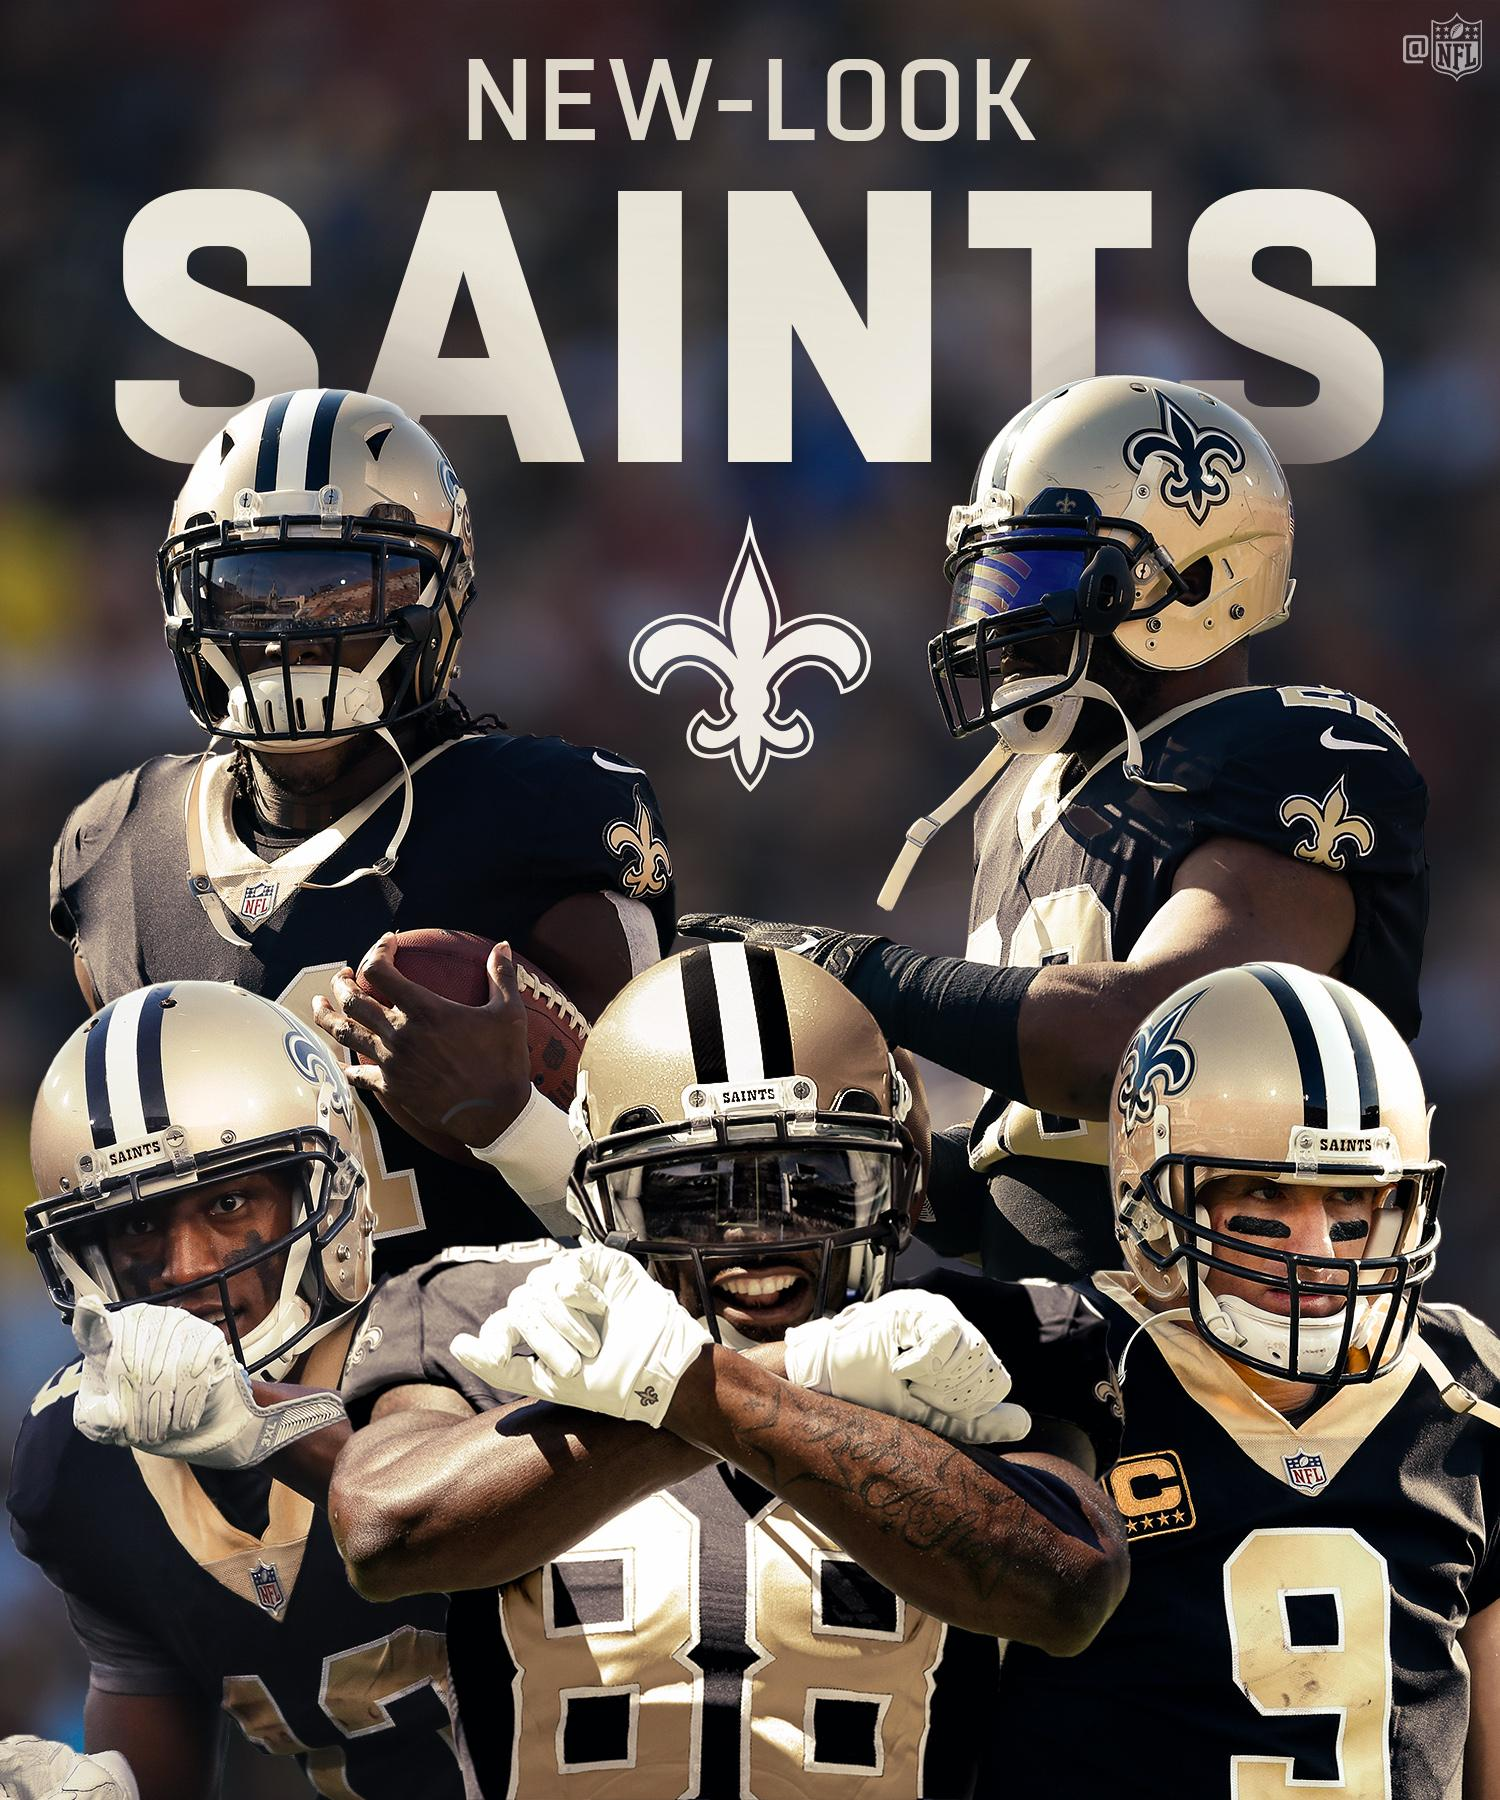 The @Saints ������ https://t.co/esZFogiH3p